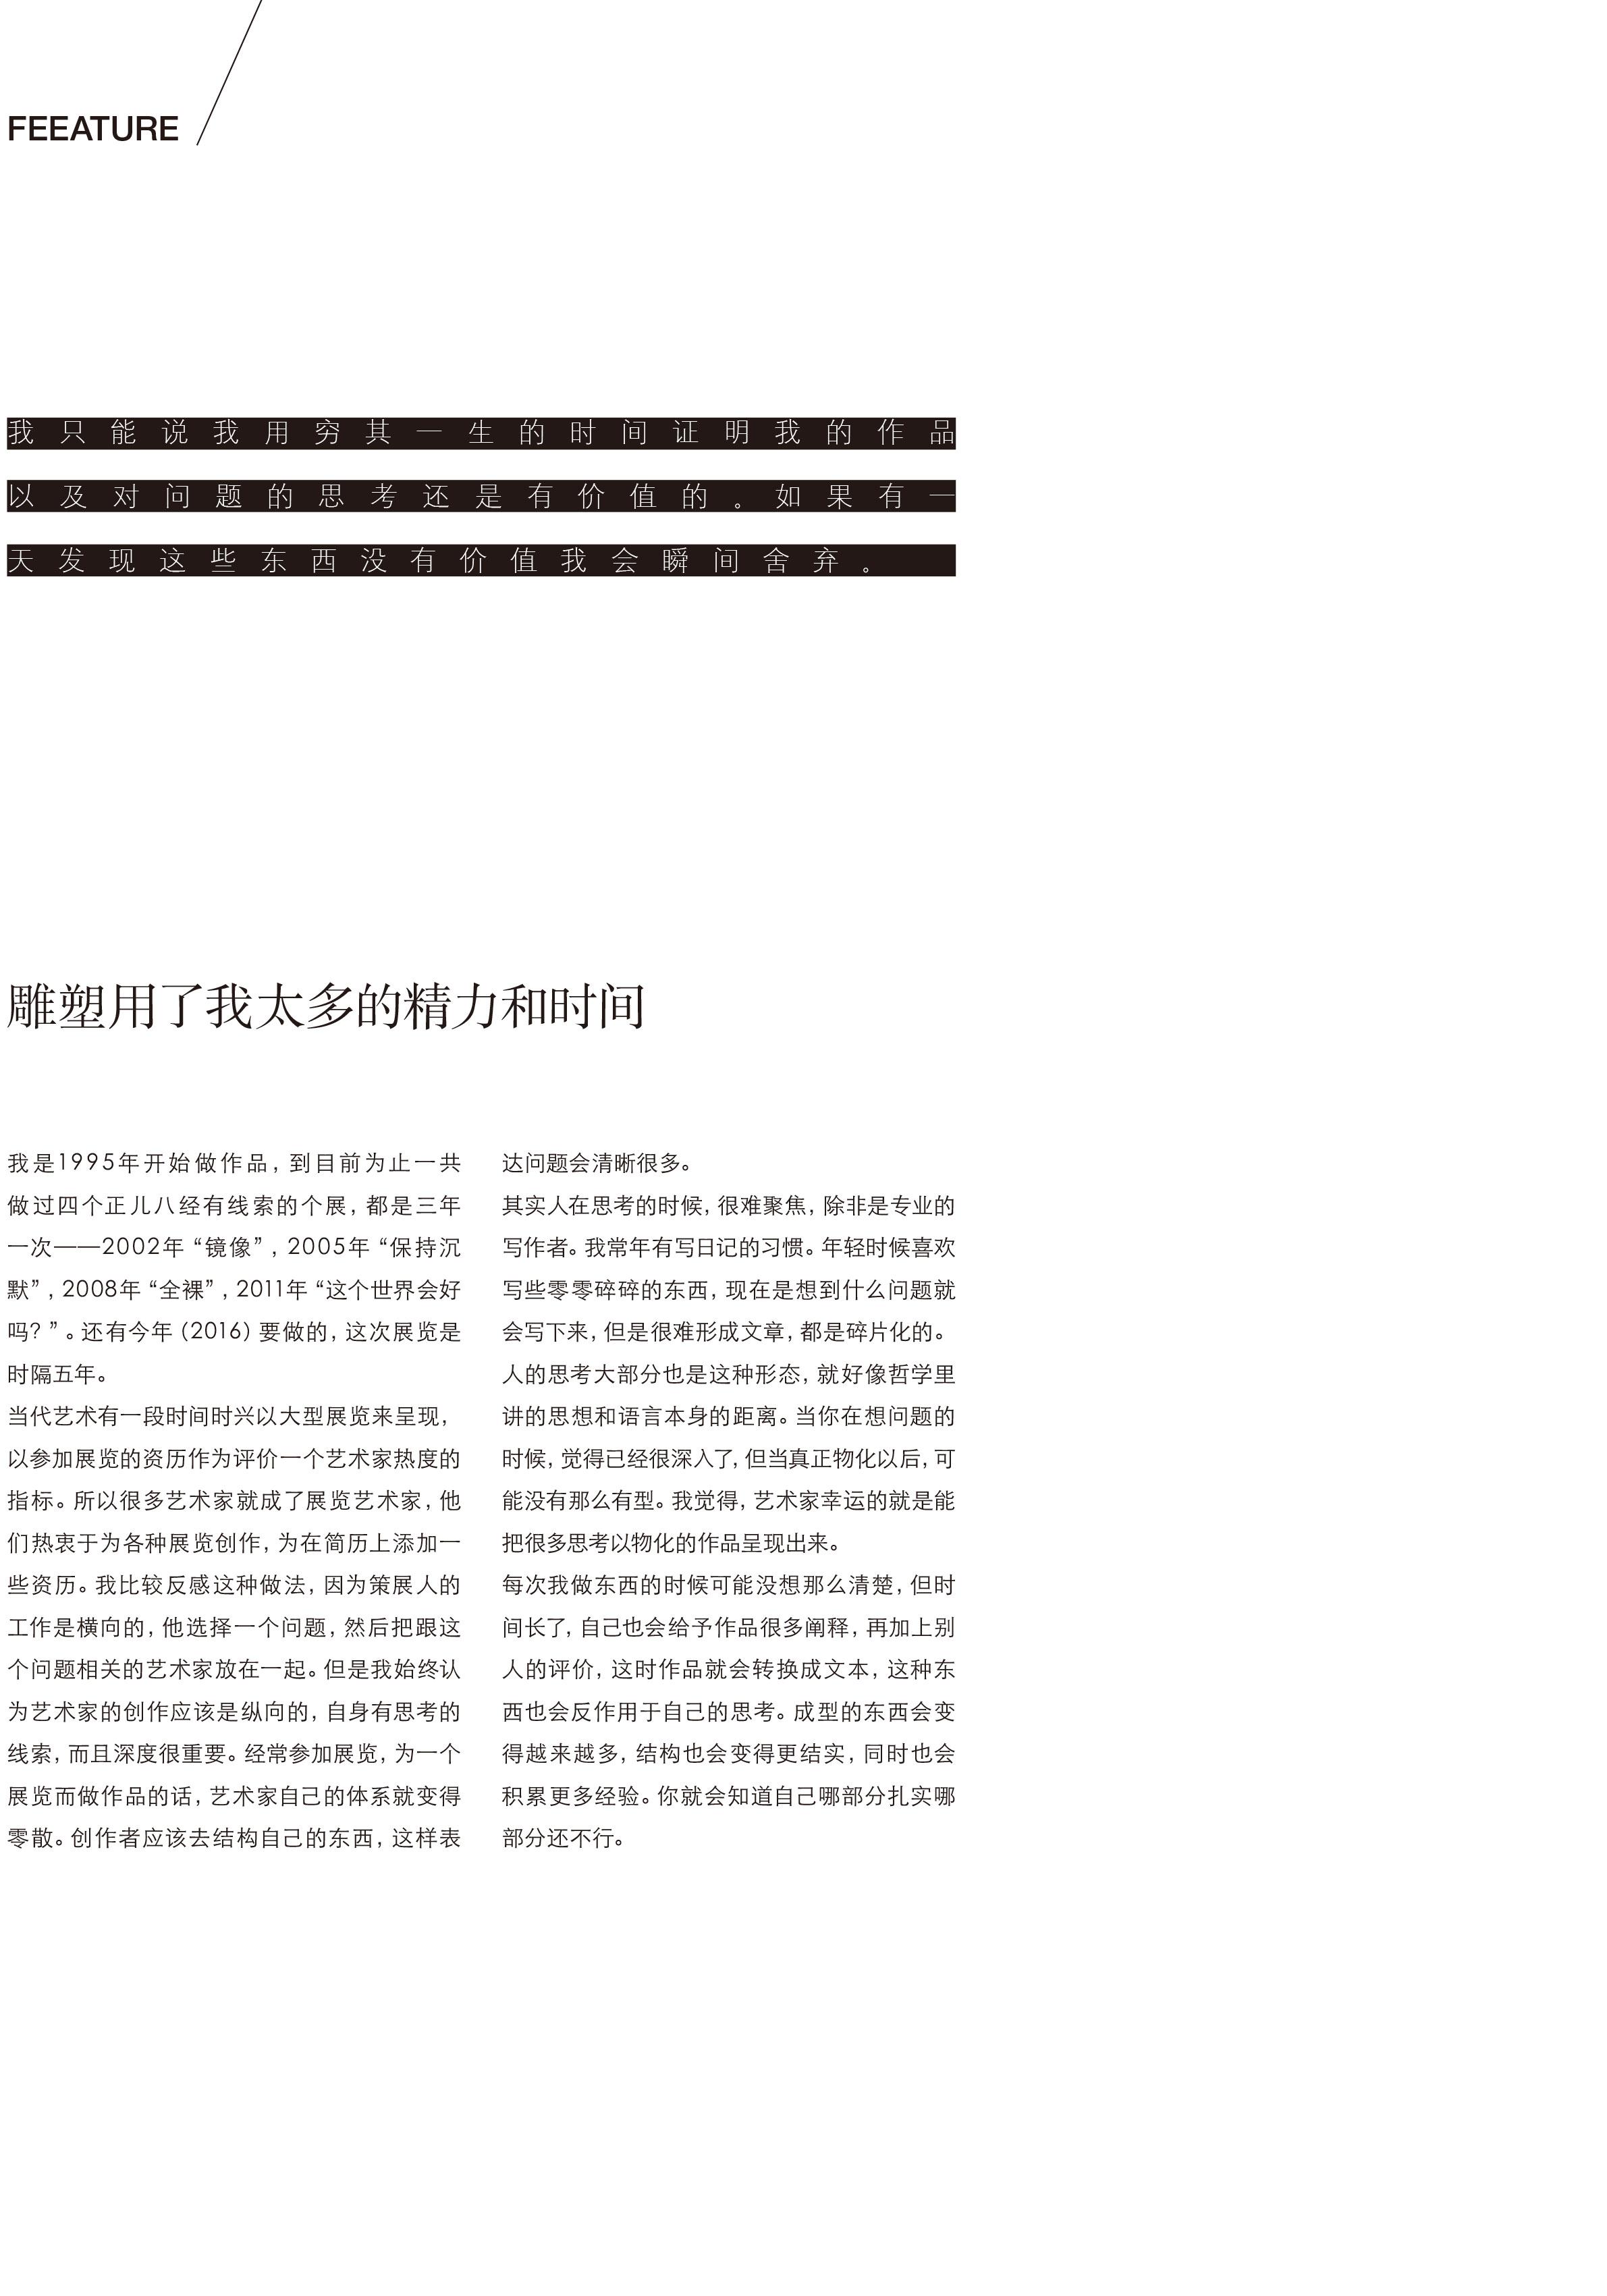 xj-5-1.jpg